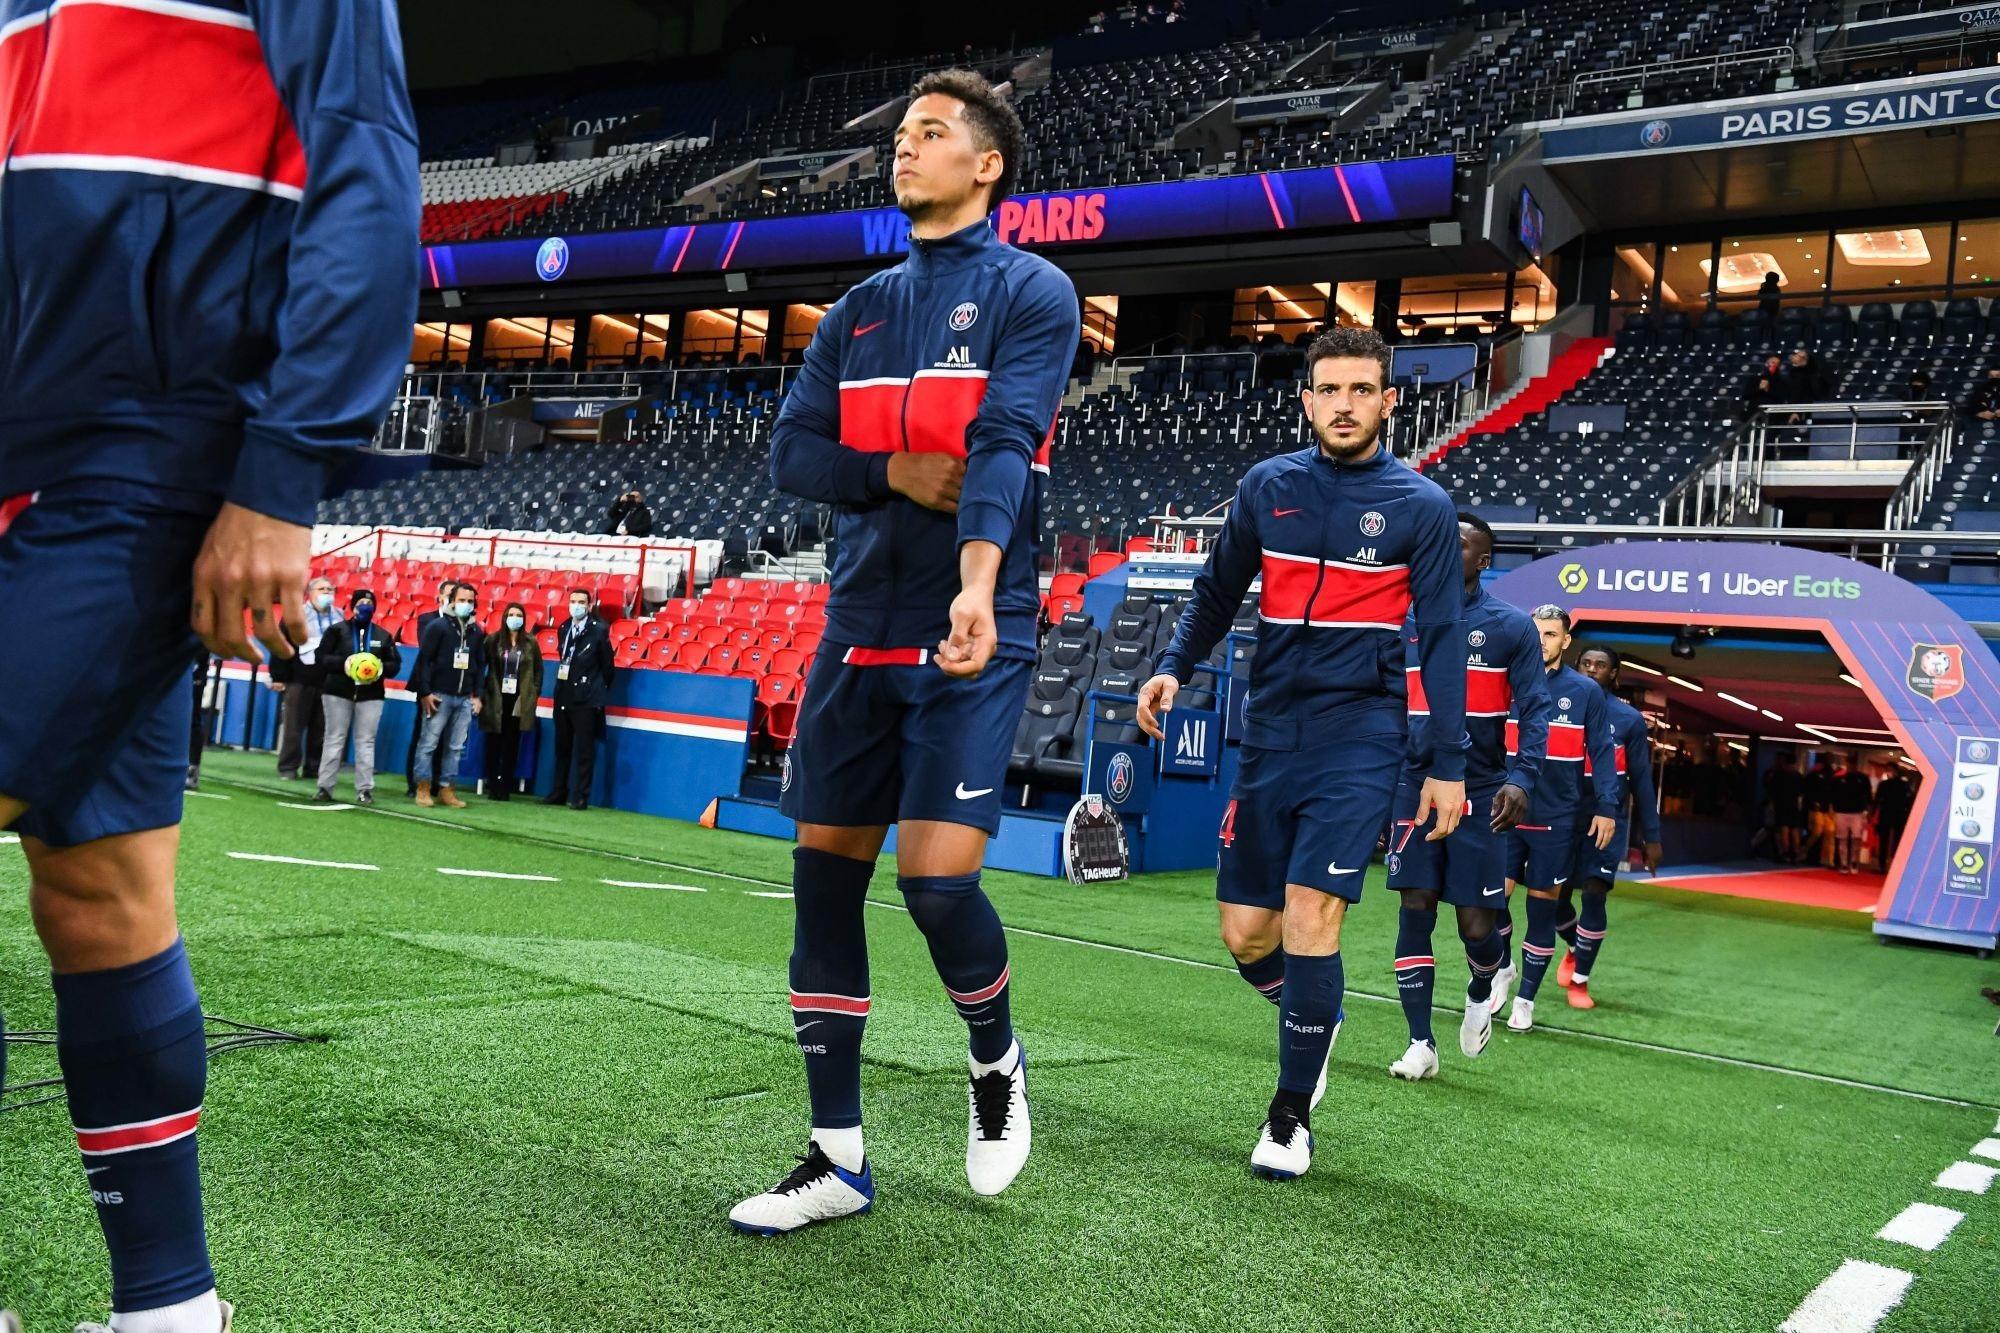 PSG/Barcelone - Florenzi et Kehrer présents à l'entraînement collectif ce mardi